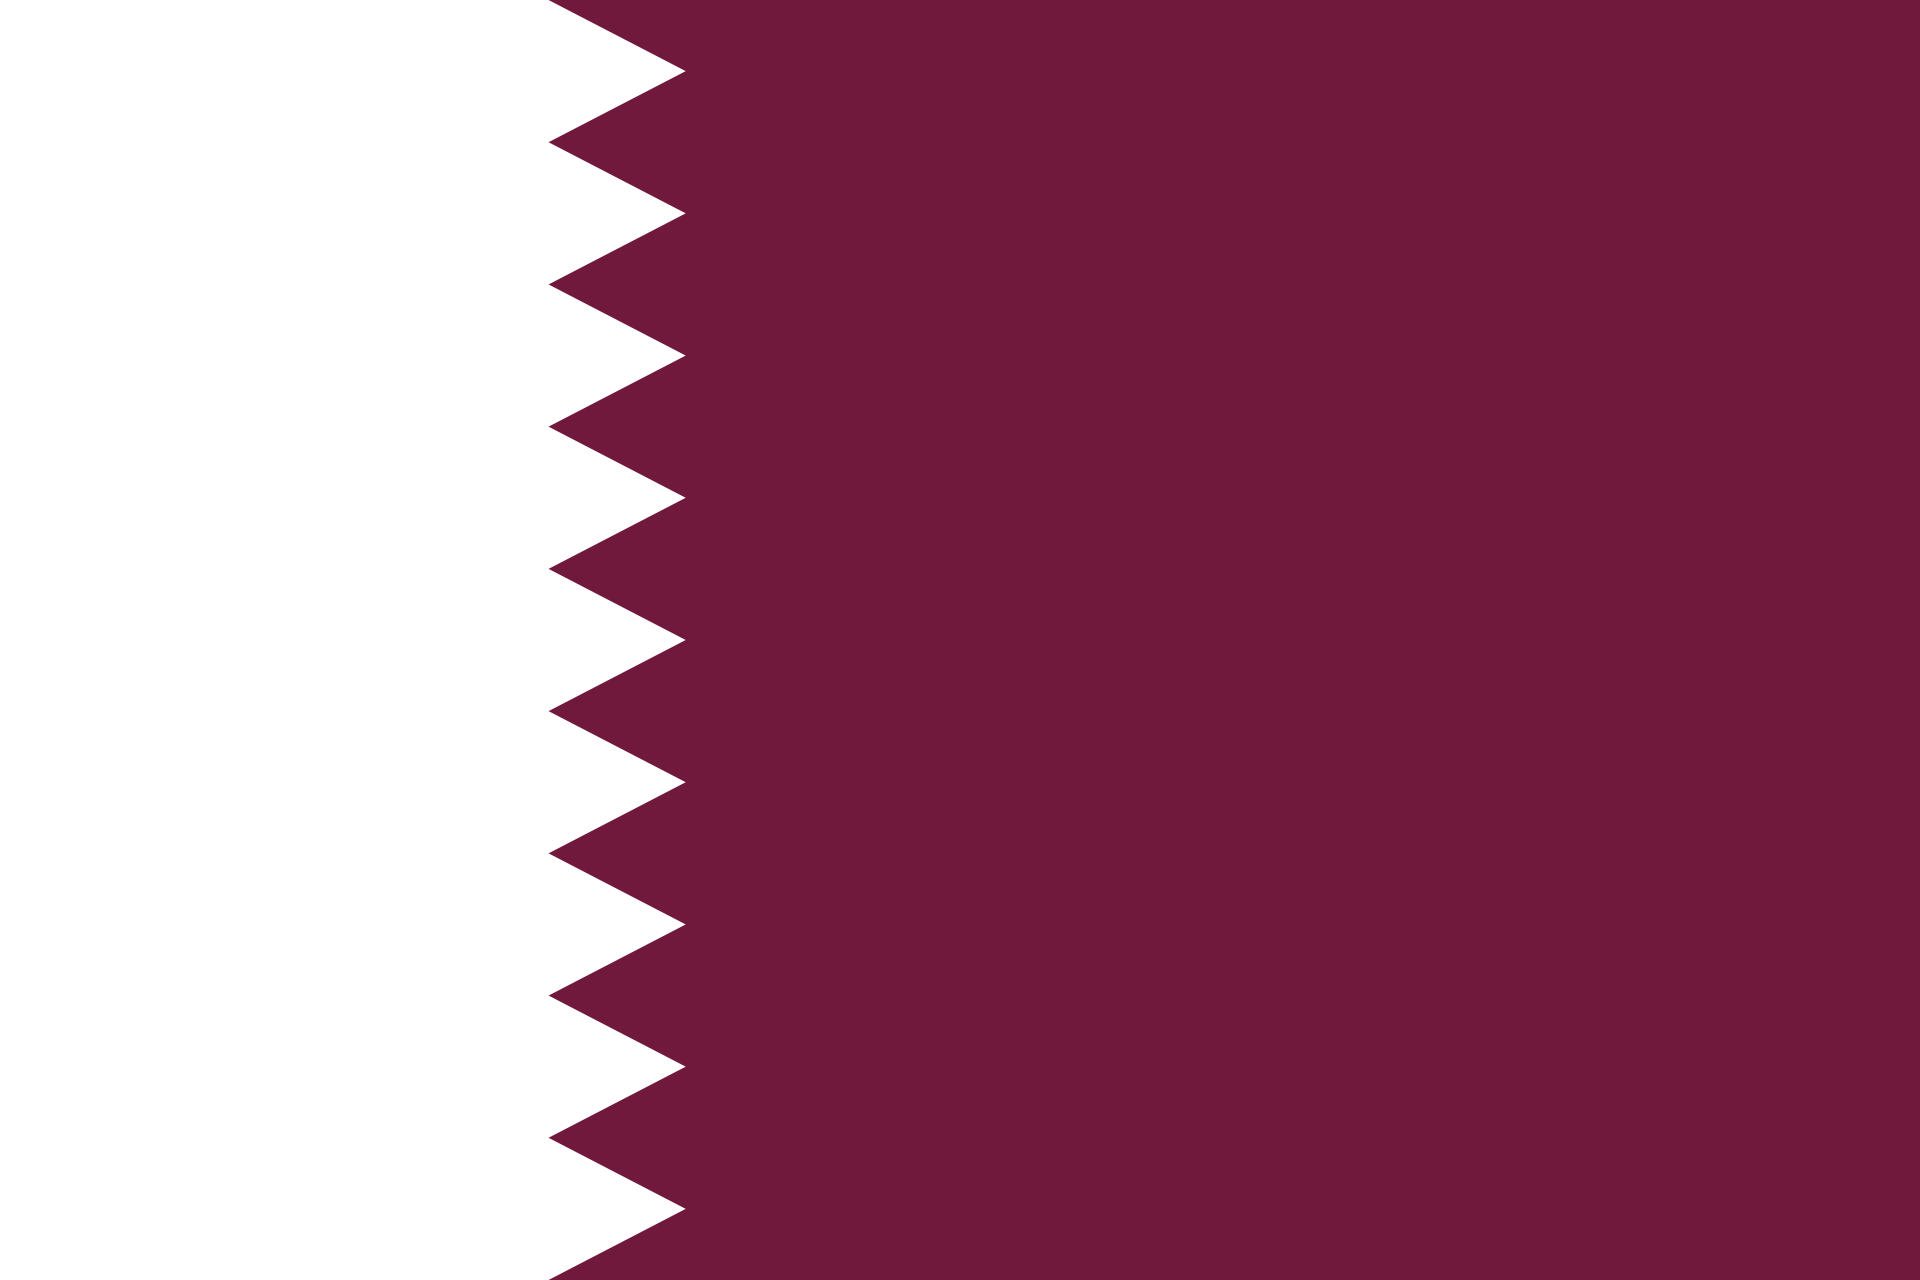 Pin De Coingebra En International Flags Pro Banderas Del Mundo Qatar Bandera